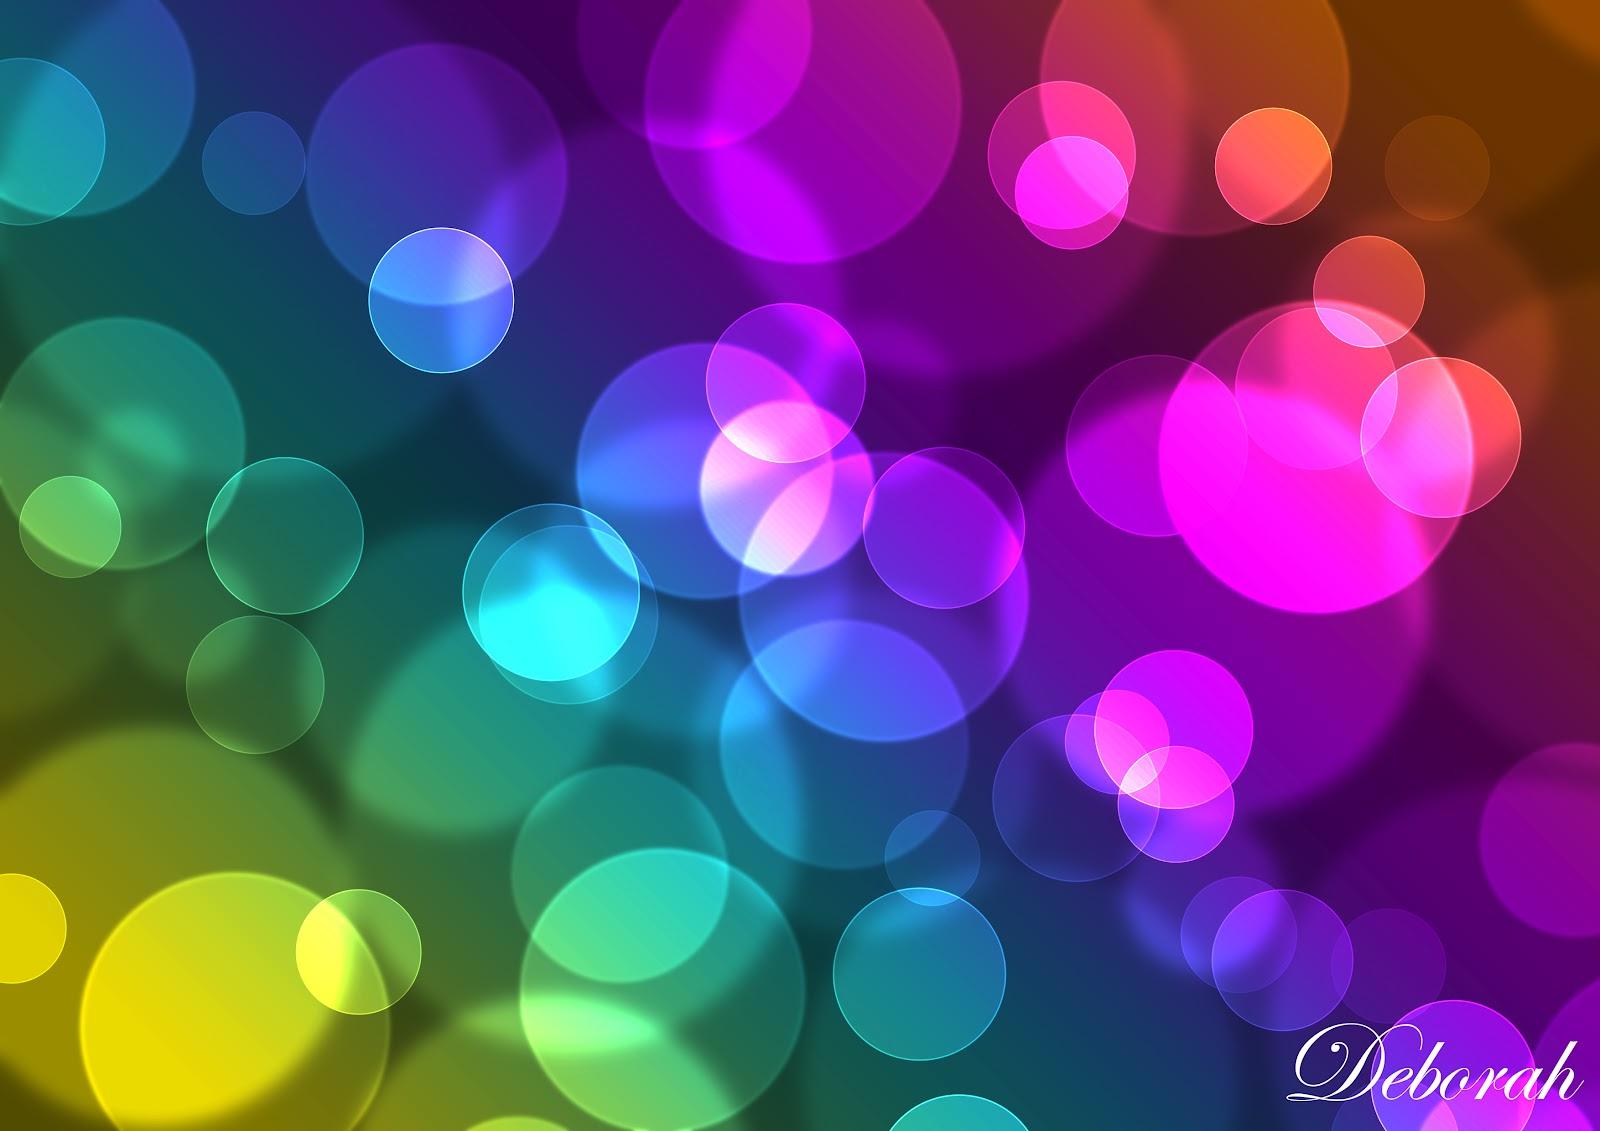 Photoshop Backgrounds Gallery Joy Studio Design Gallery Best Design